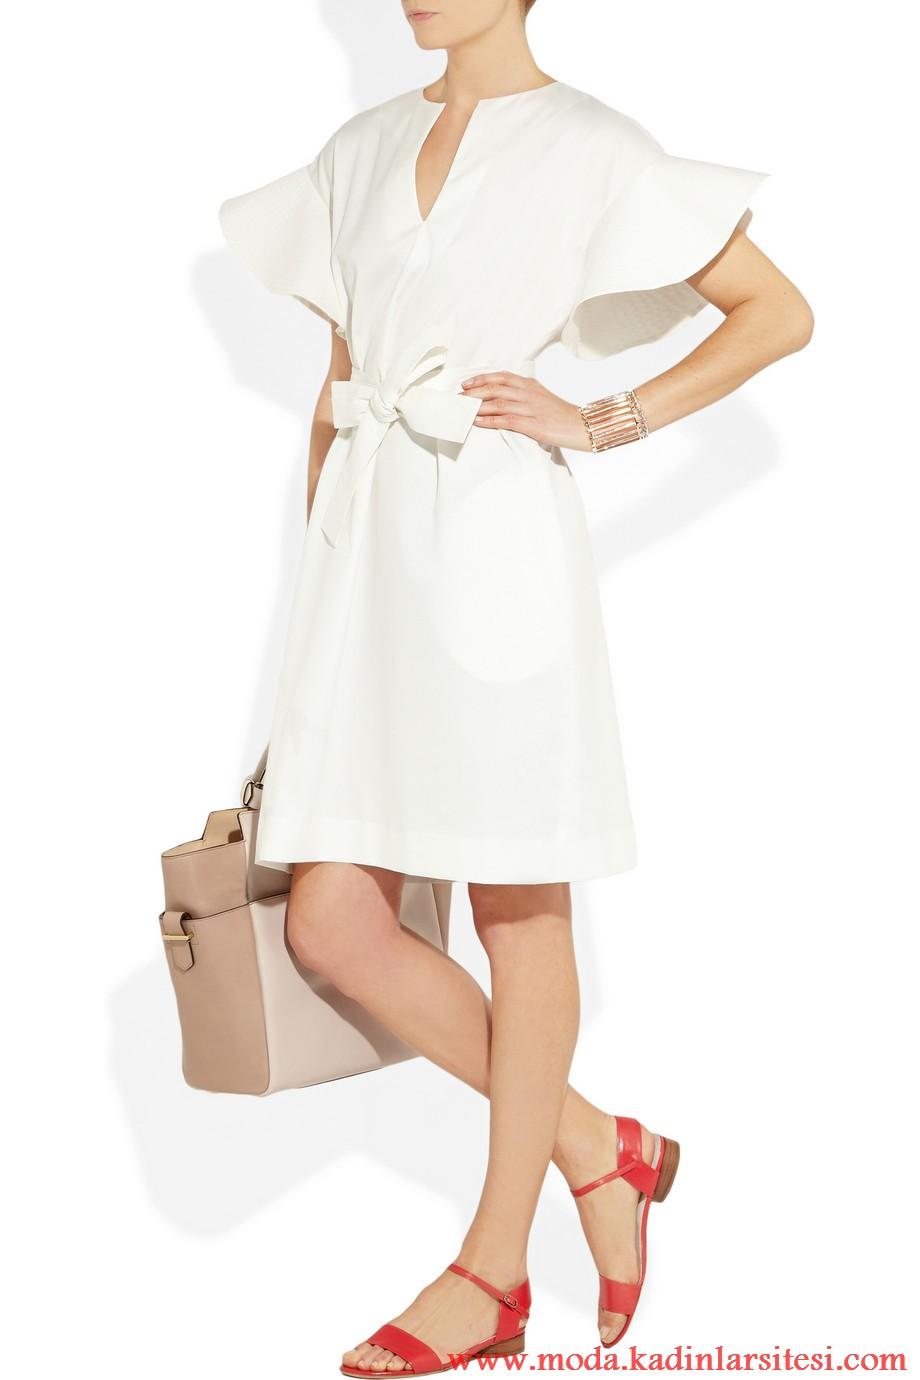 chloe beyaz fiyonklu elbise modeli